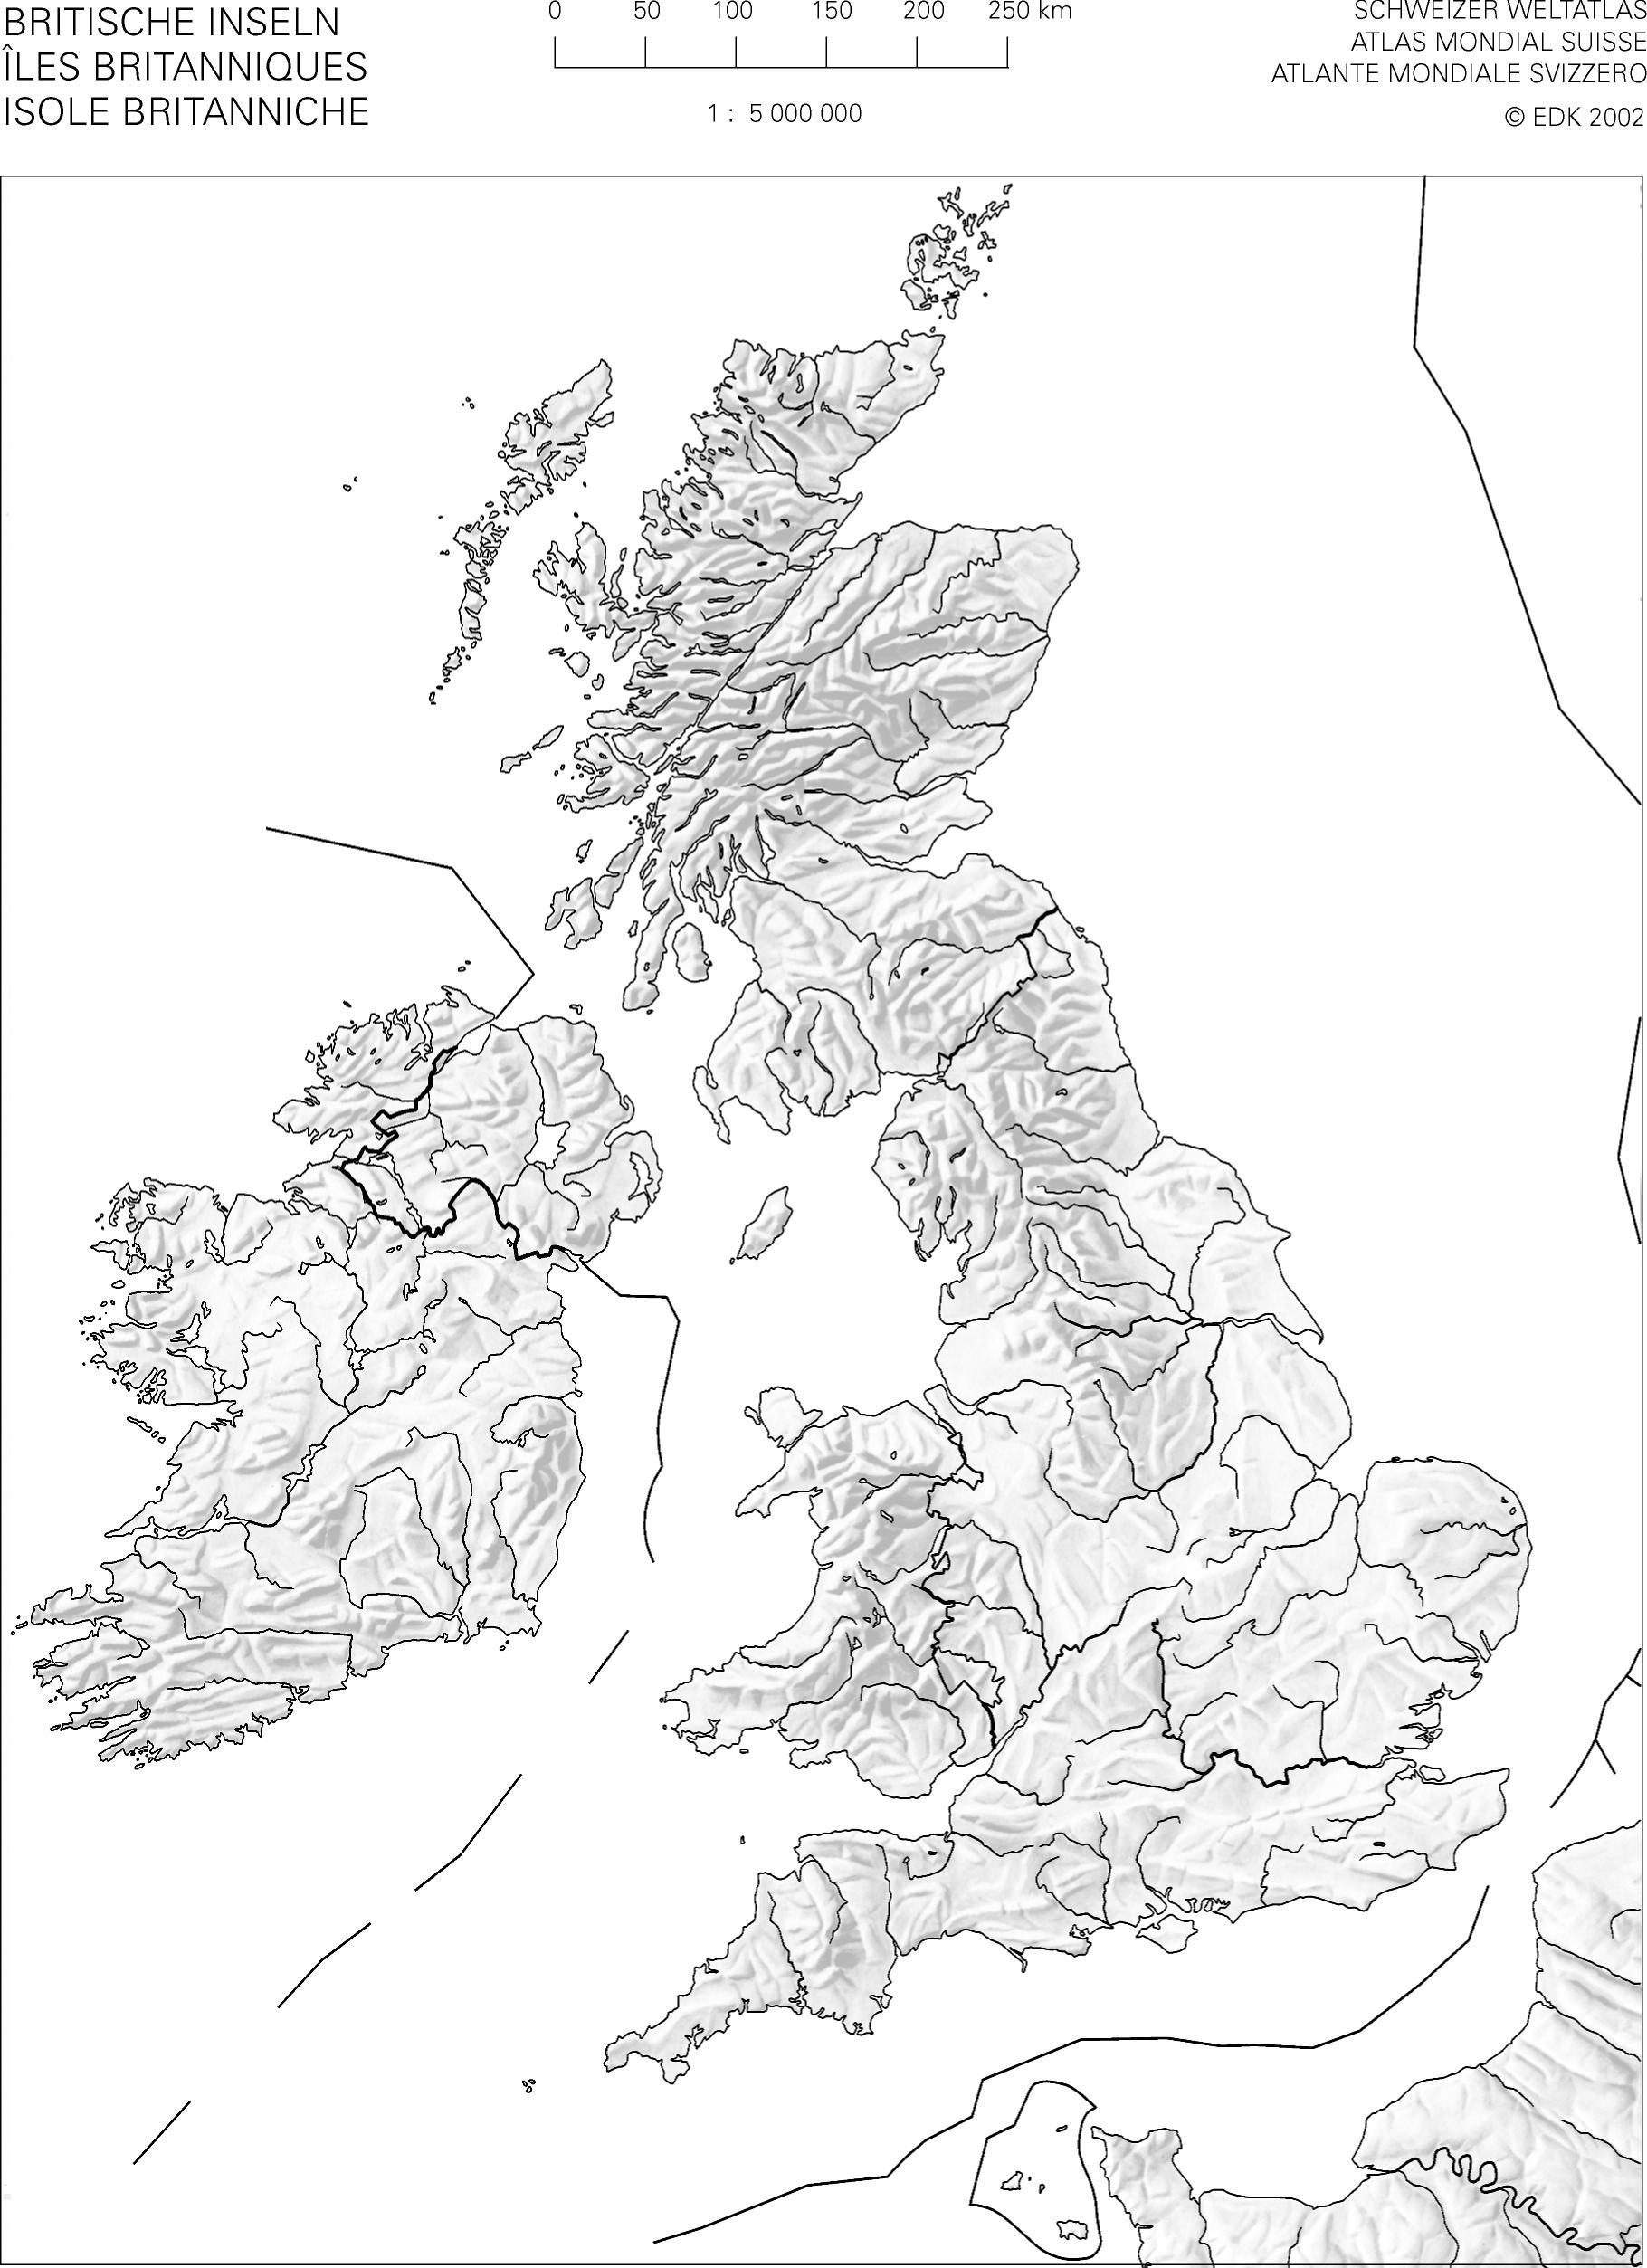 Cartina Muta Isole Britanniche.Swisseduc Geographie Atlas Kopiervorlagen